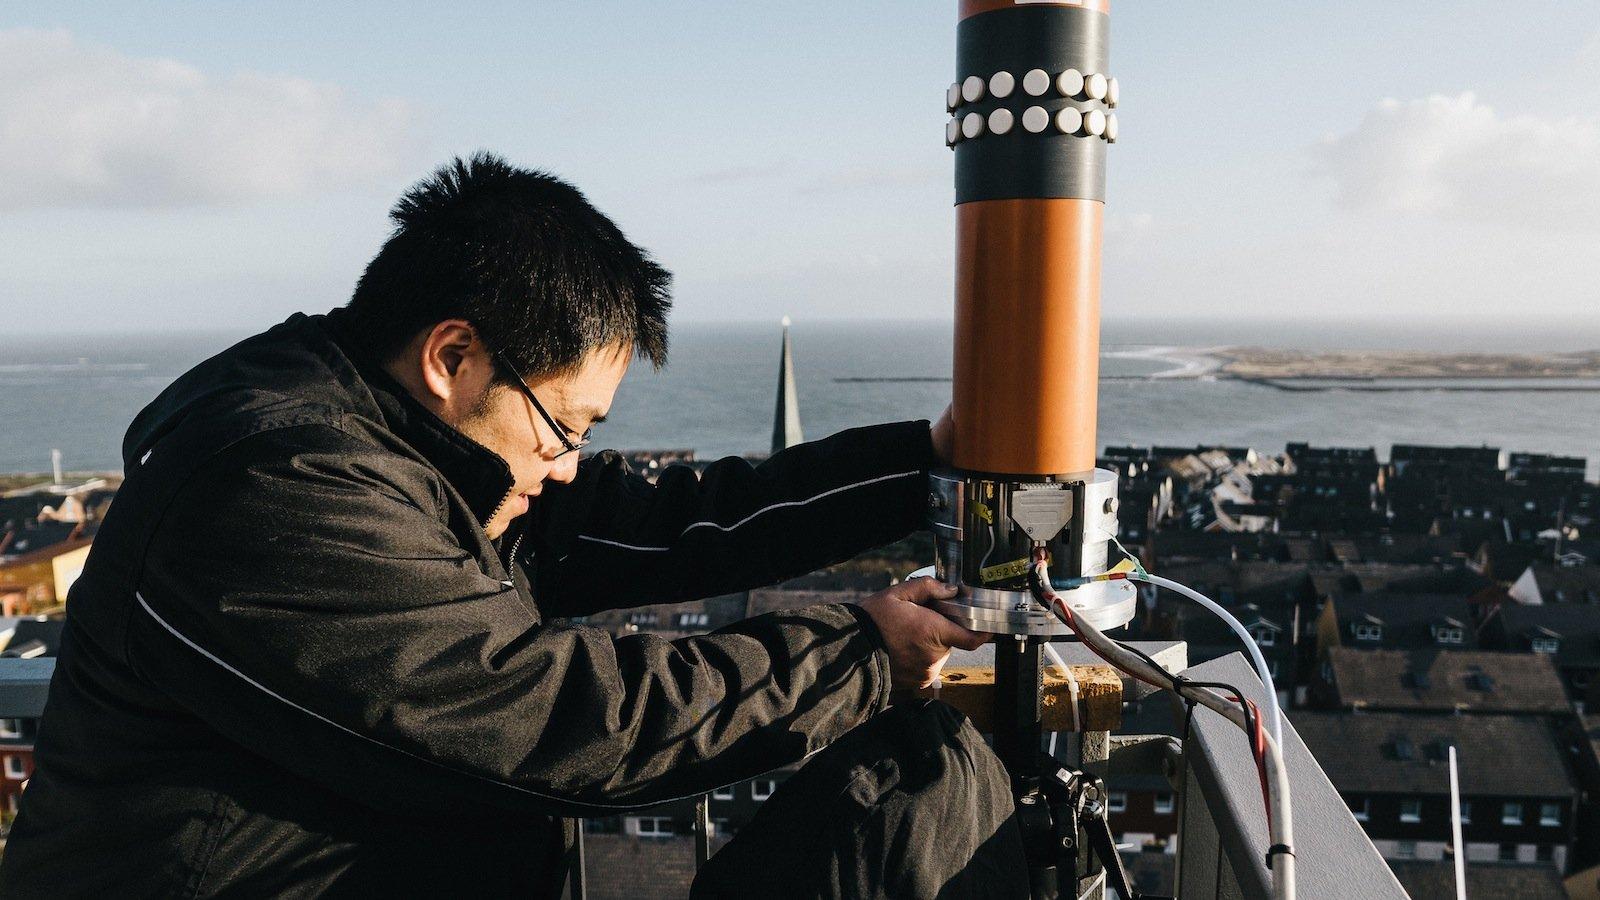 Um die Breitbandkommunikation vom Land zum Schiff zu untersuchen, installierten DLR-Wissenschaftler ihre Antennen auf Helgolands Leuchtturm. Als Sender fuhr der Seenotrettungskreuzer